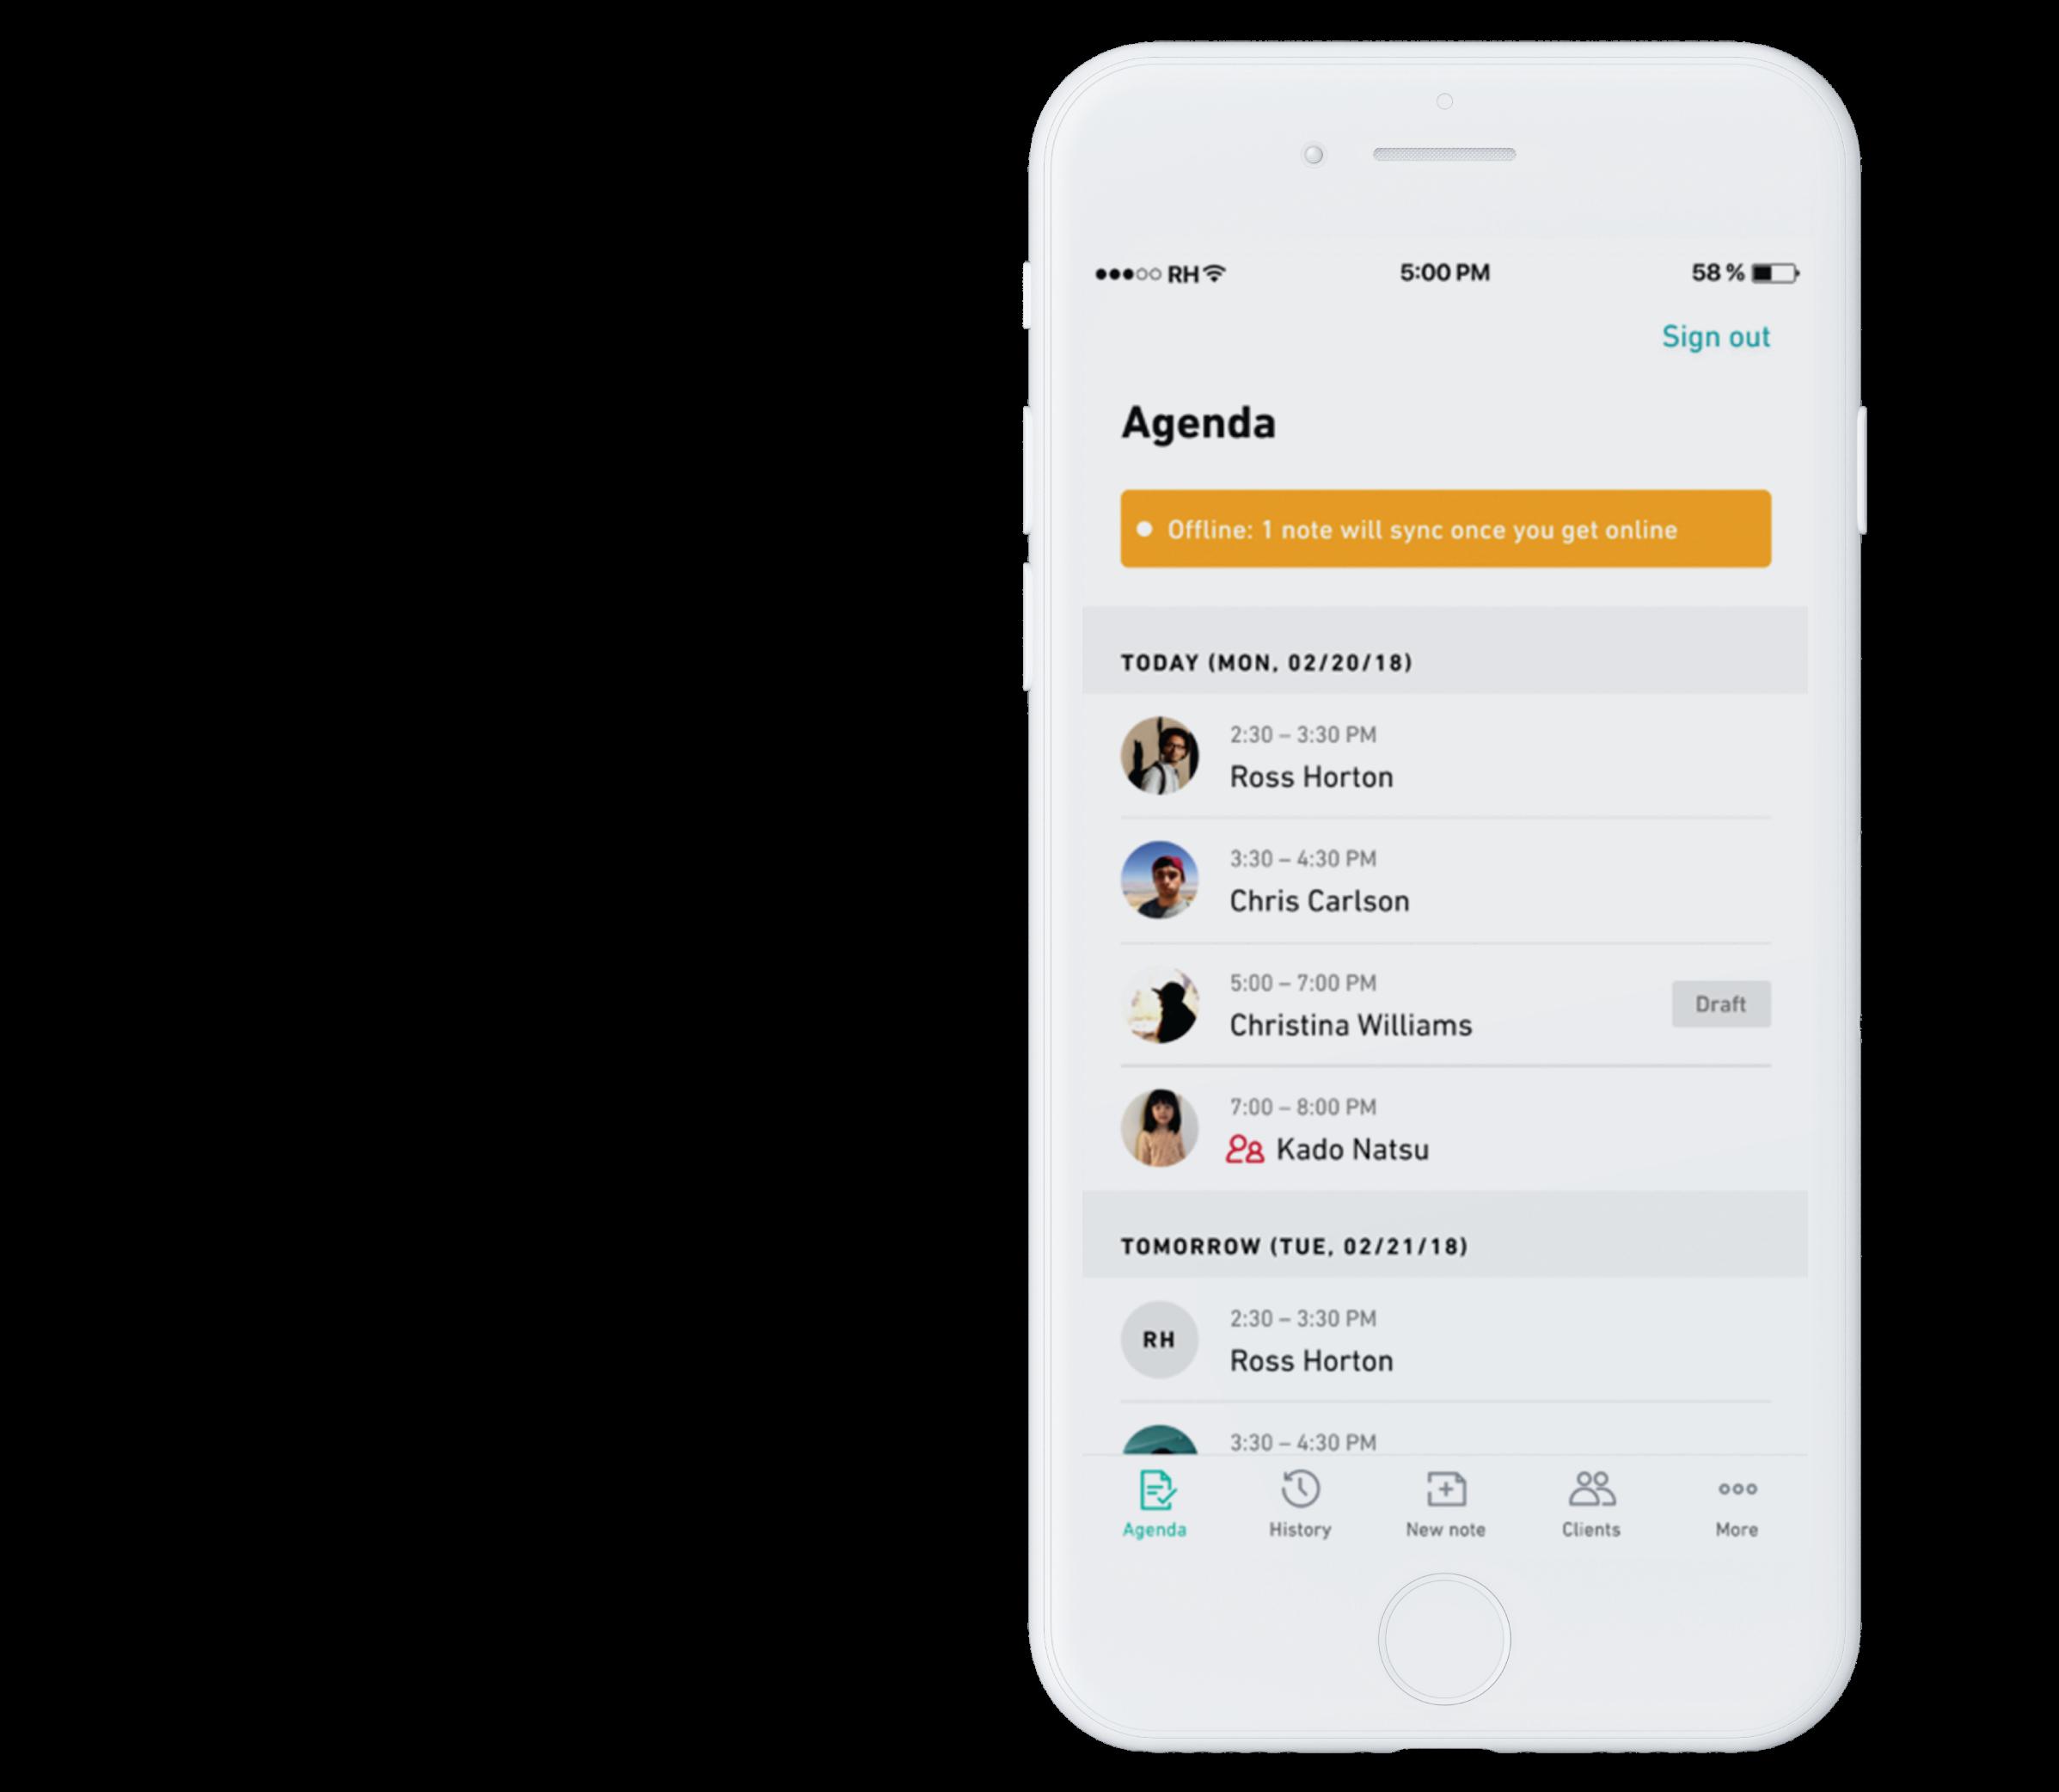 mobile companion agenda experience